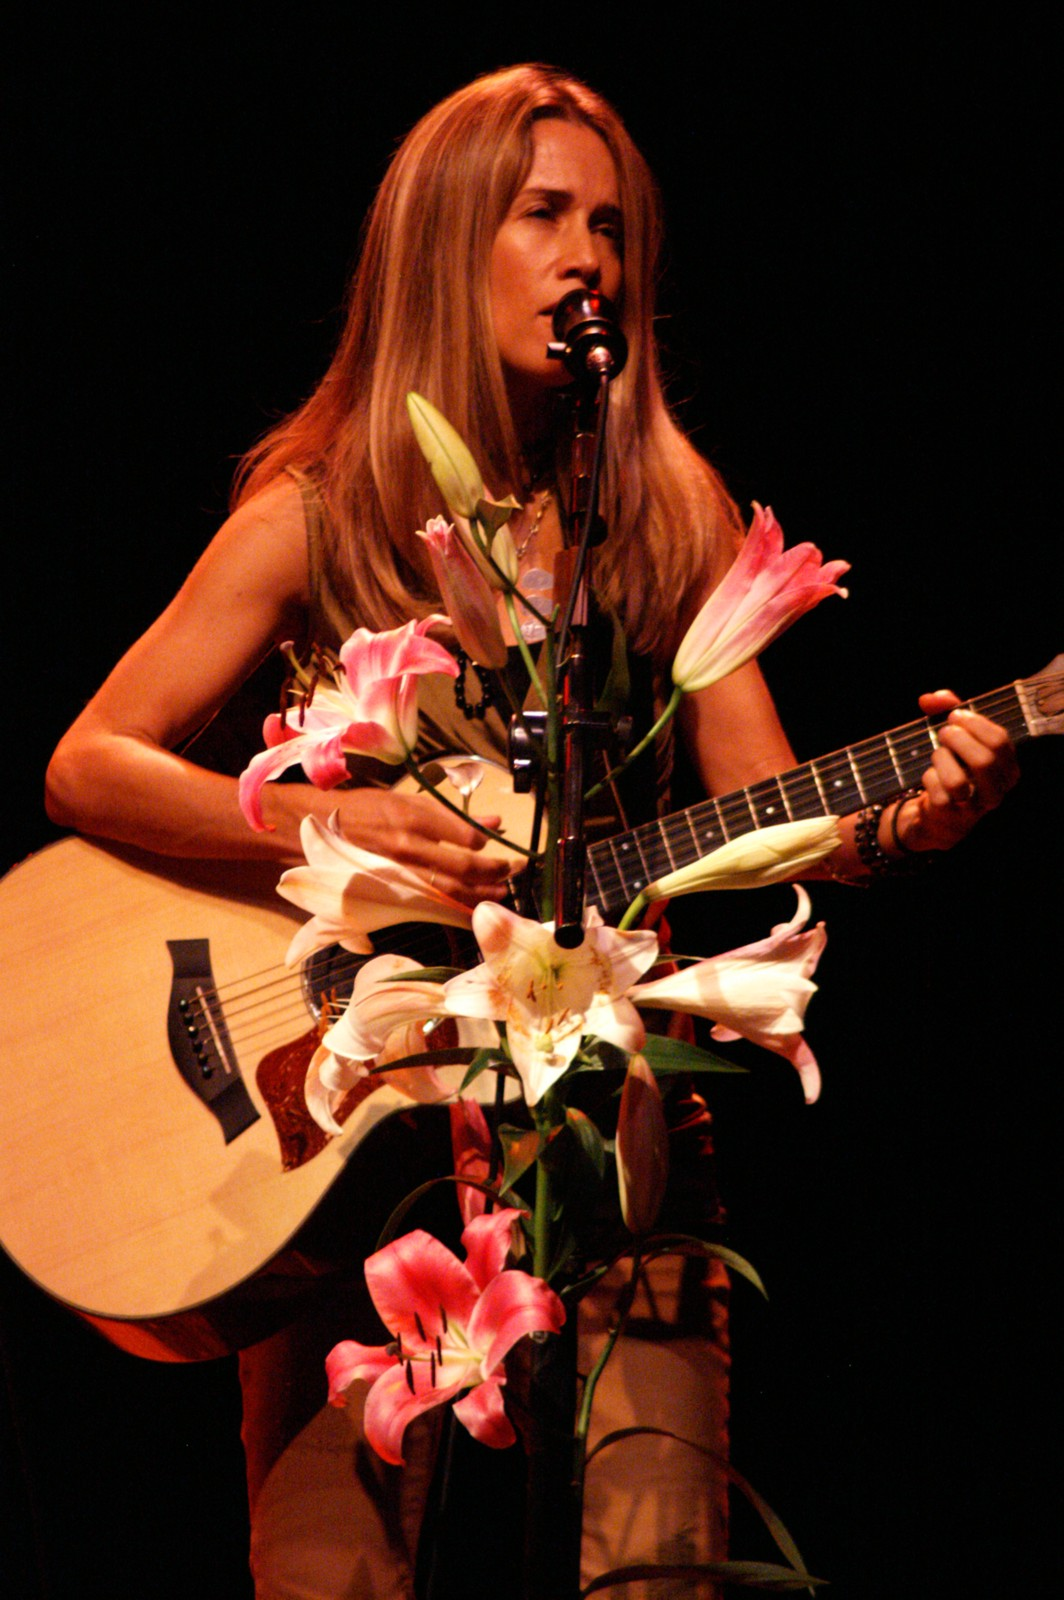 2011 Heather Nova